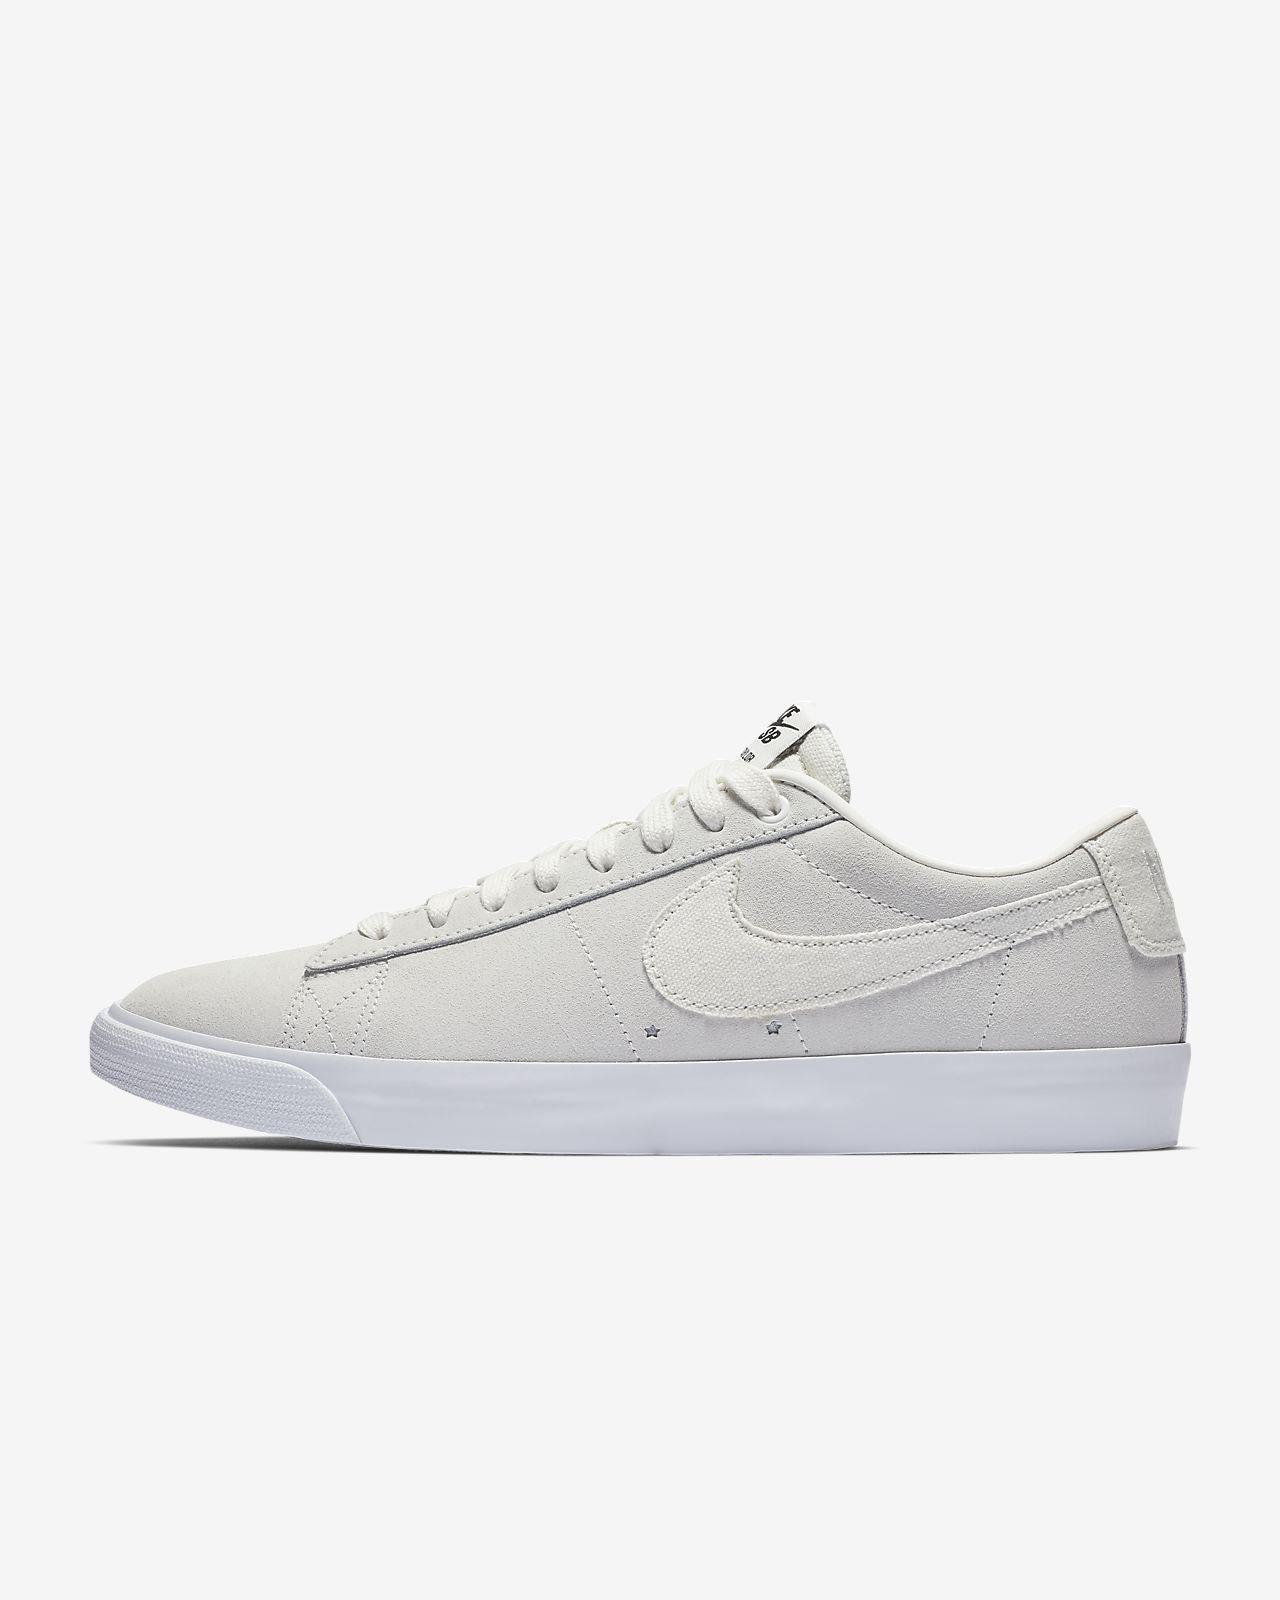 Low Blazer Nike Skateboard GtBe Chaussure De Sb IYg6vbf7y